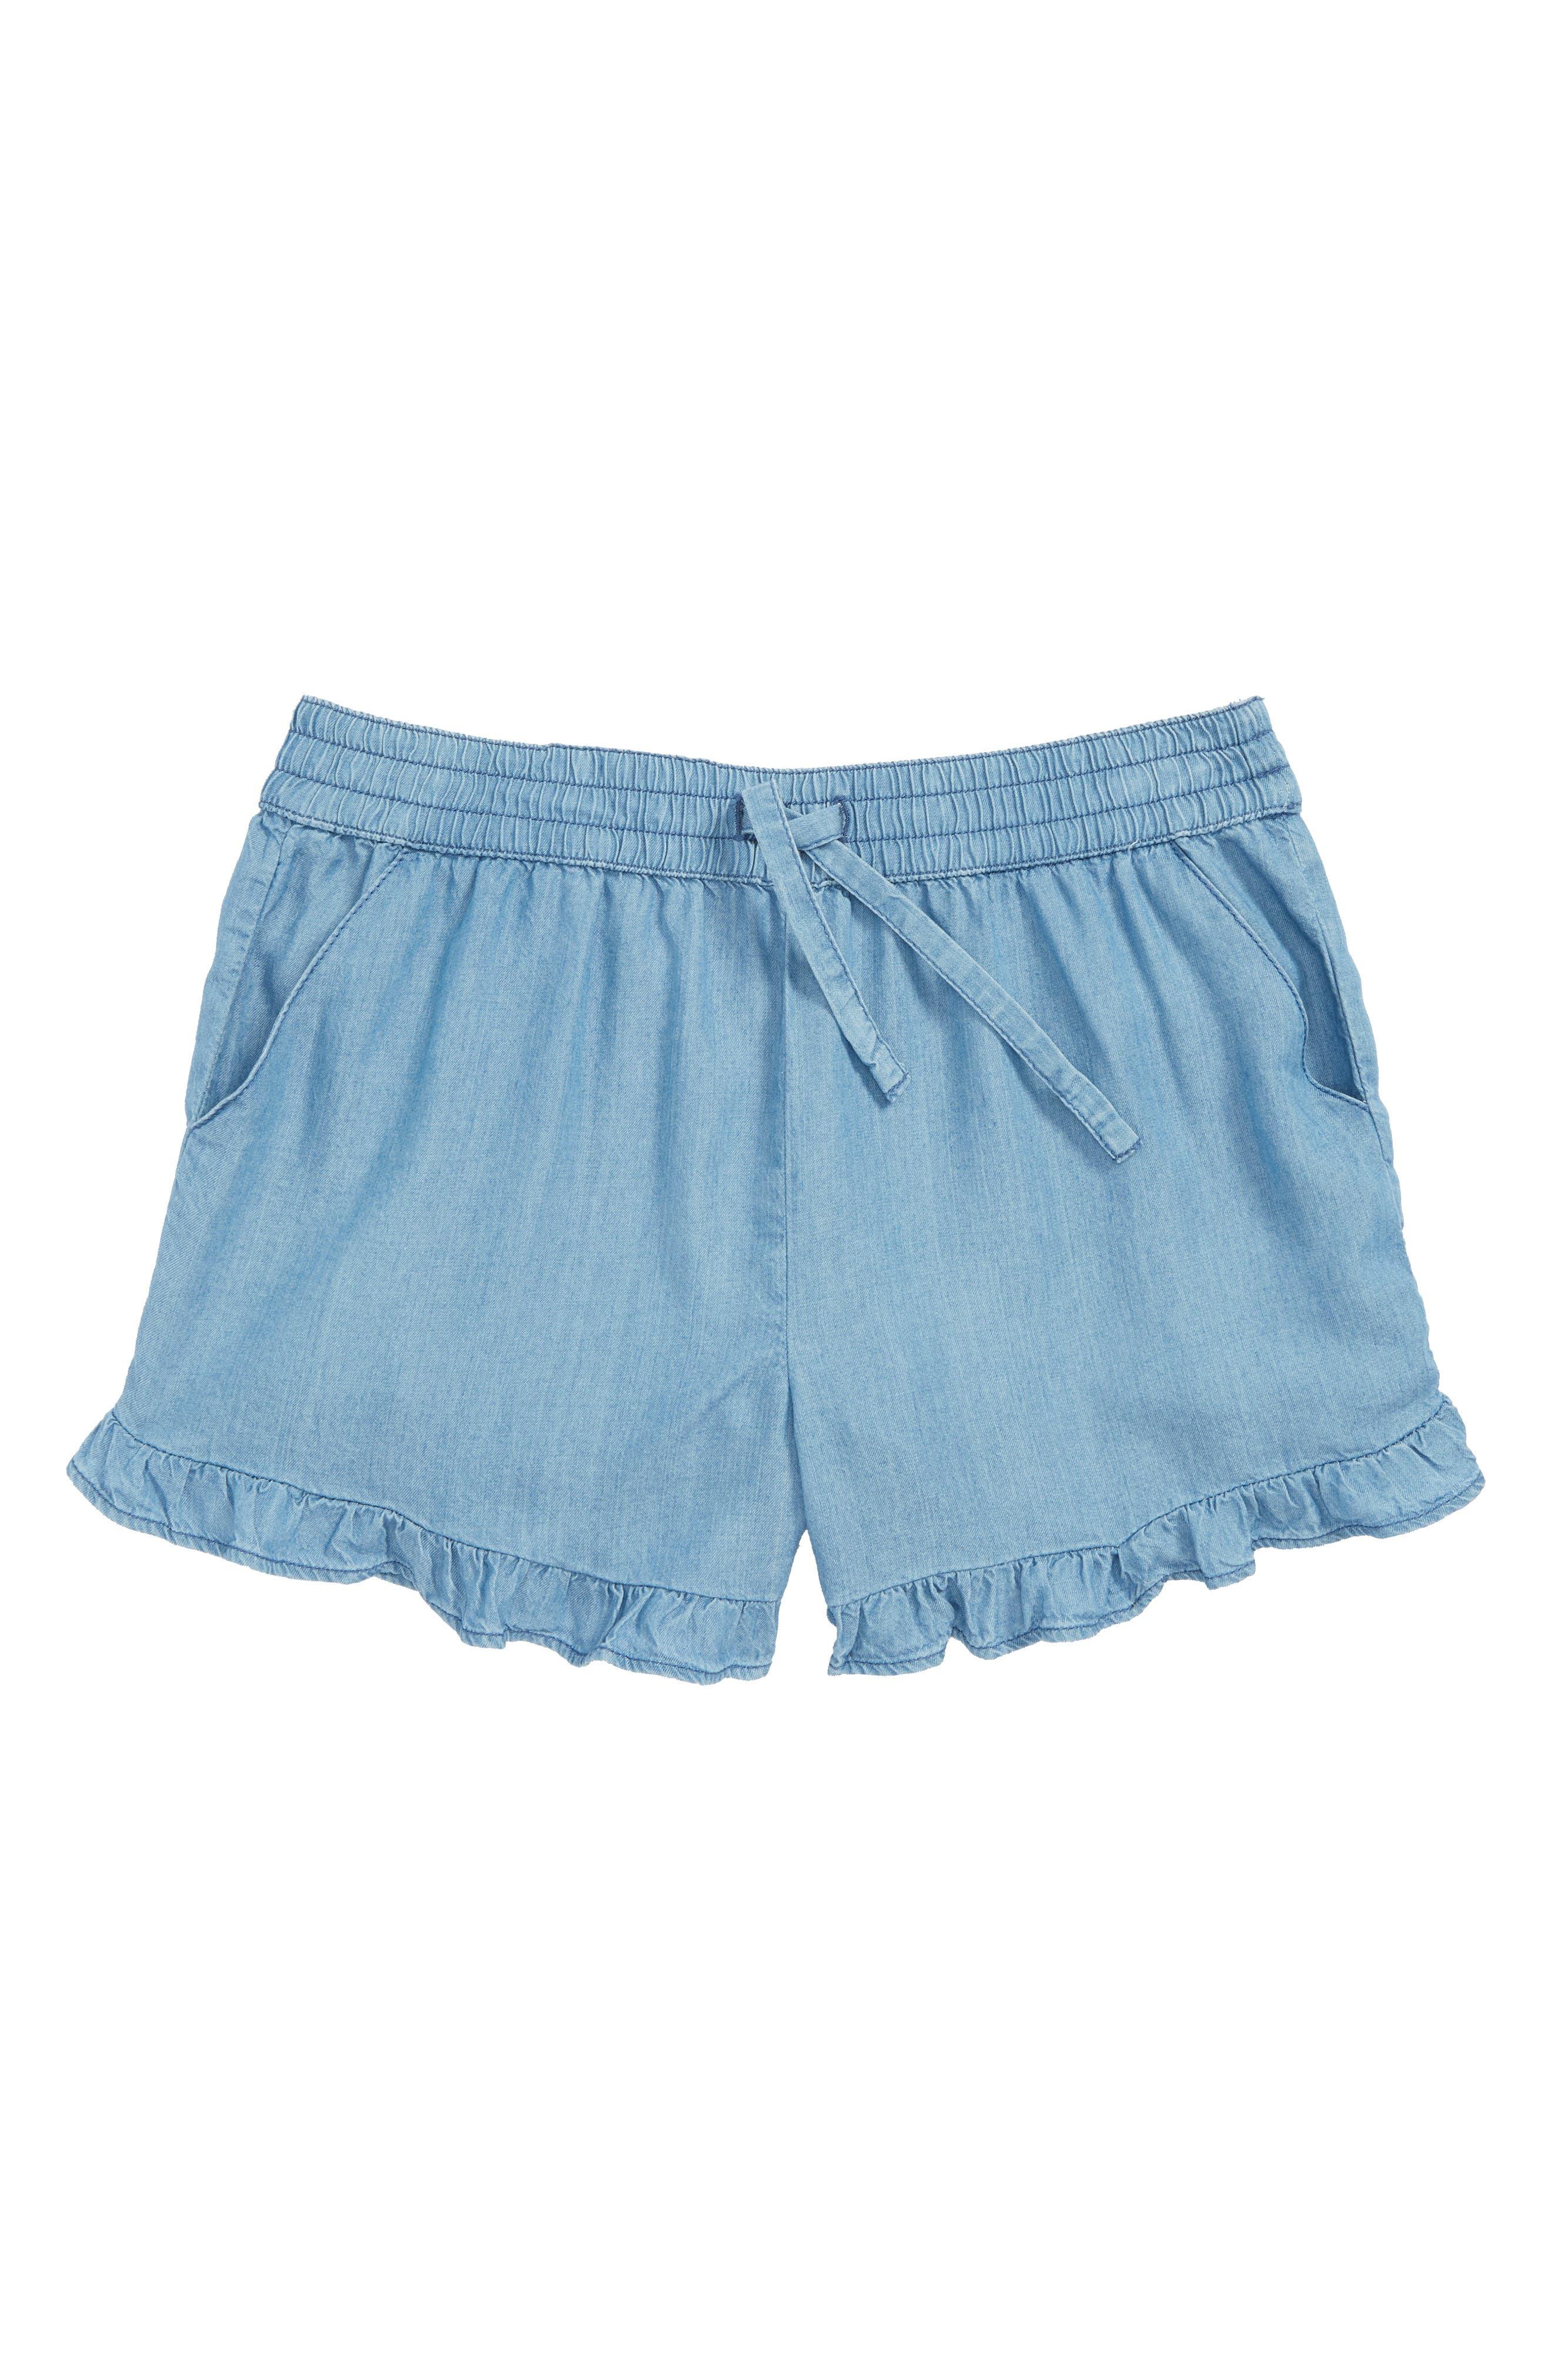 Ruffle Chambray Shorts,                         Main,                         color, River Blue Wash